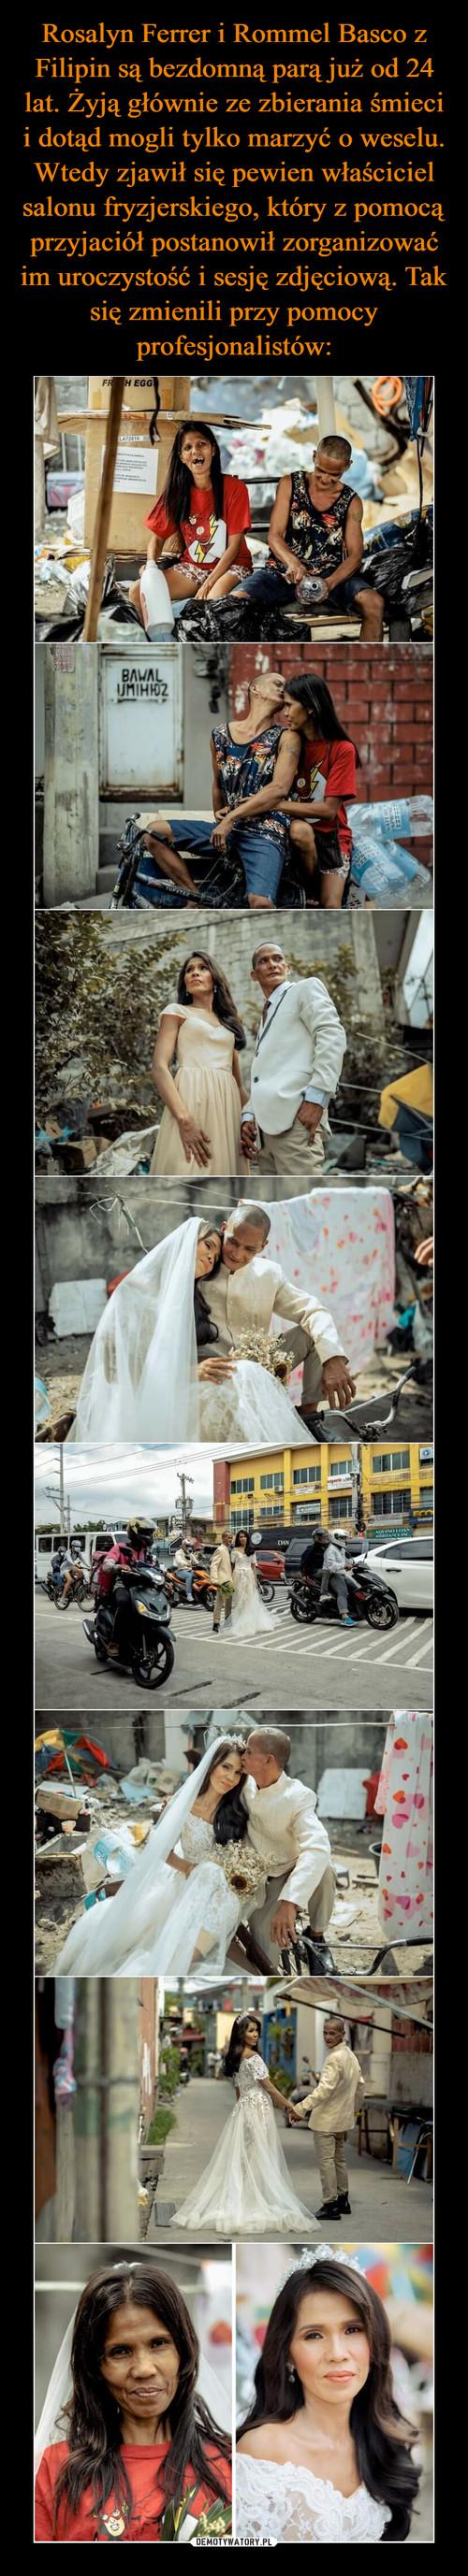 Rosalyn Ferrer i Rommel Basco z Filipin są bezdomną parą już od 24 lat. Żyją głównie ze zbierania śmieci i dotąd mogli tylko marzyć o weselu. Wtedy zjawił się pewien właściciel salonu fryzjerskiego, który z pomocą przyjaciół postanowił zorganizować im uroczystość i sesję zdjęciową. Tak się zmienili przy pomocy profesjonalistów: